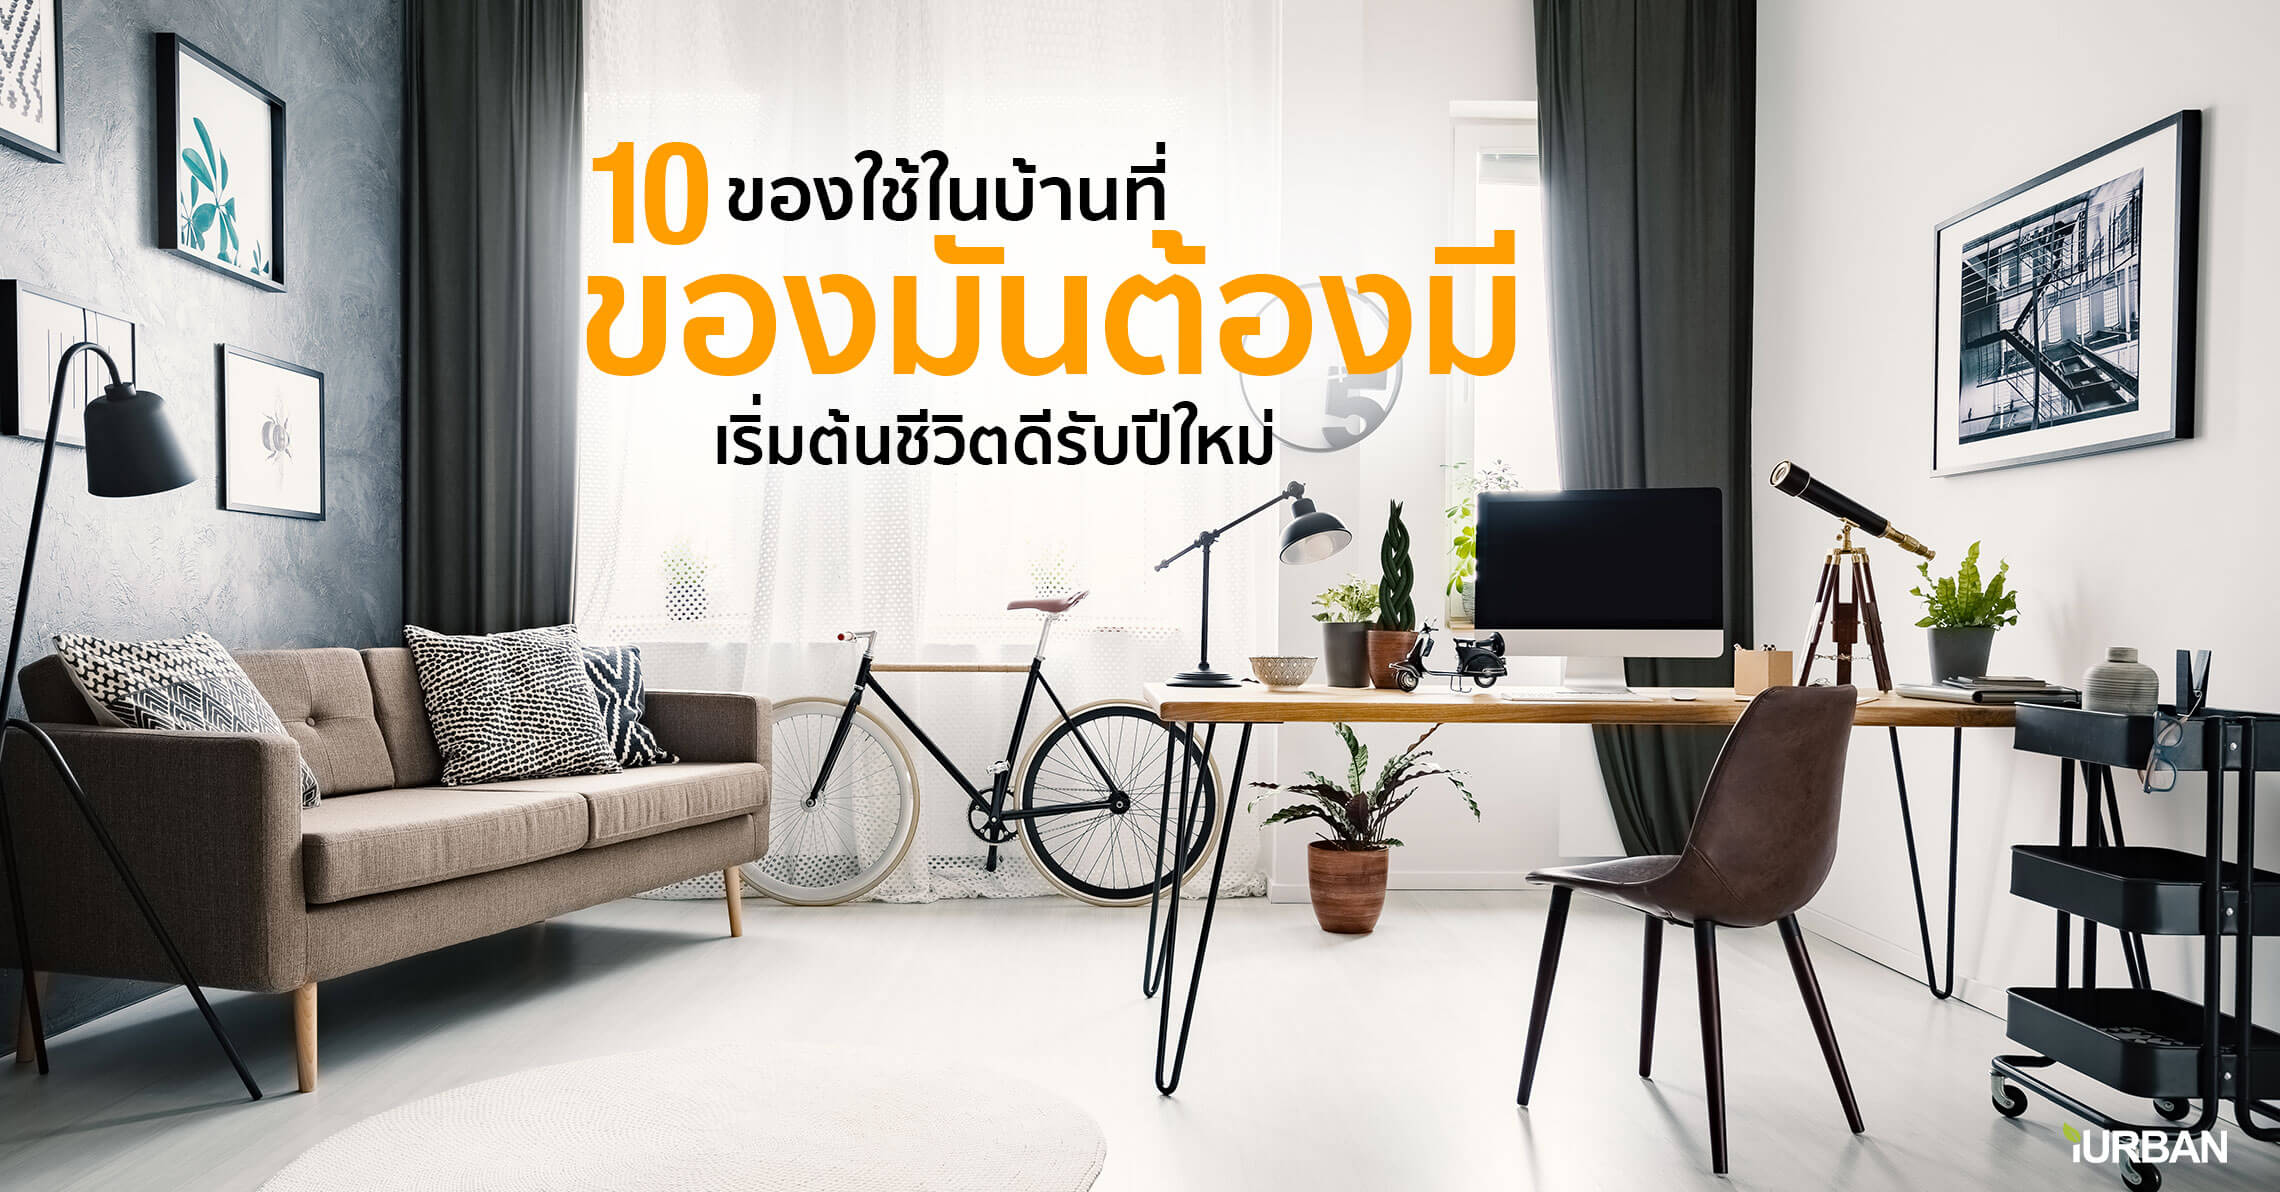 10 ของใช้ในบ้านที่ #ของมันต้องมี ของขวัญเริ่มต้นชีวิตดีรับปีใหม่ให้ตัวเอง 12 - Gift